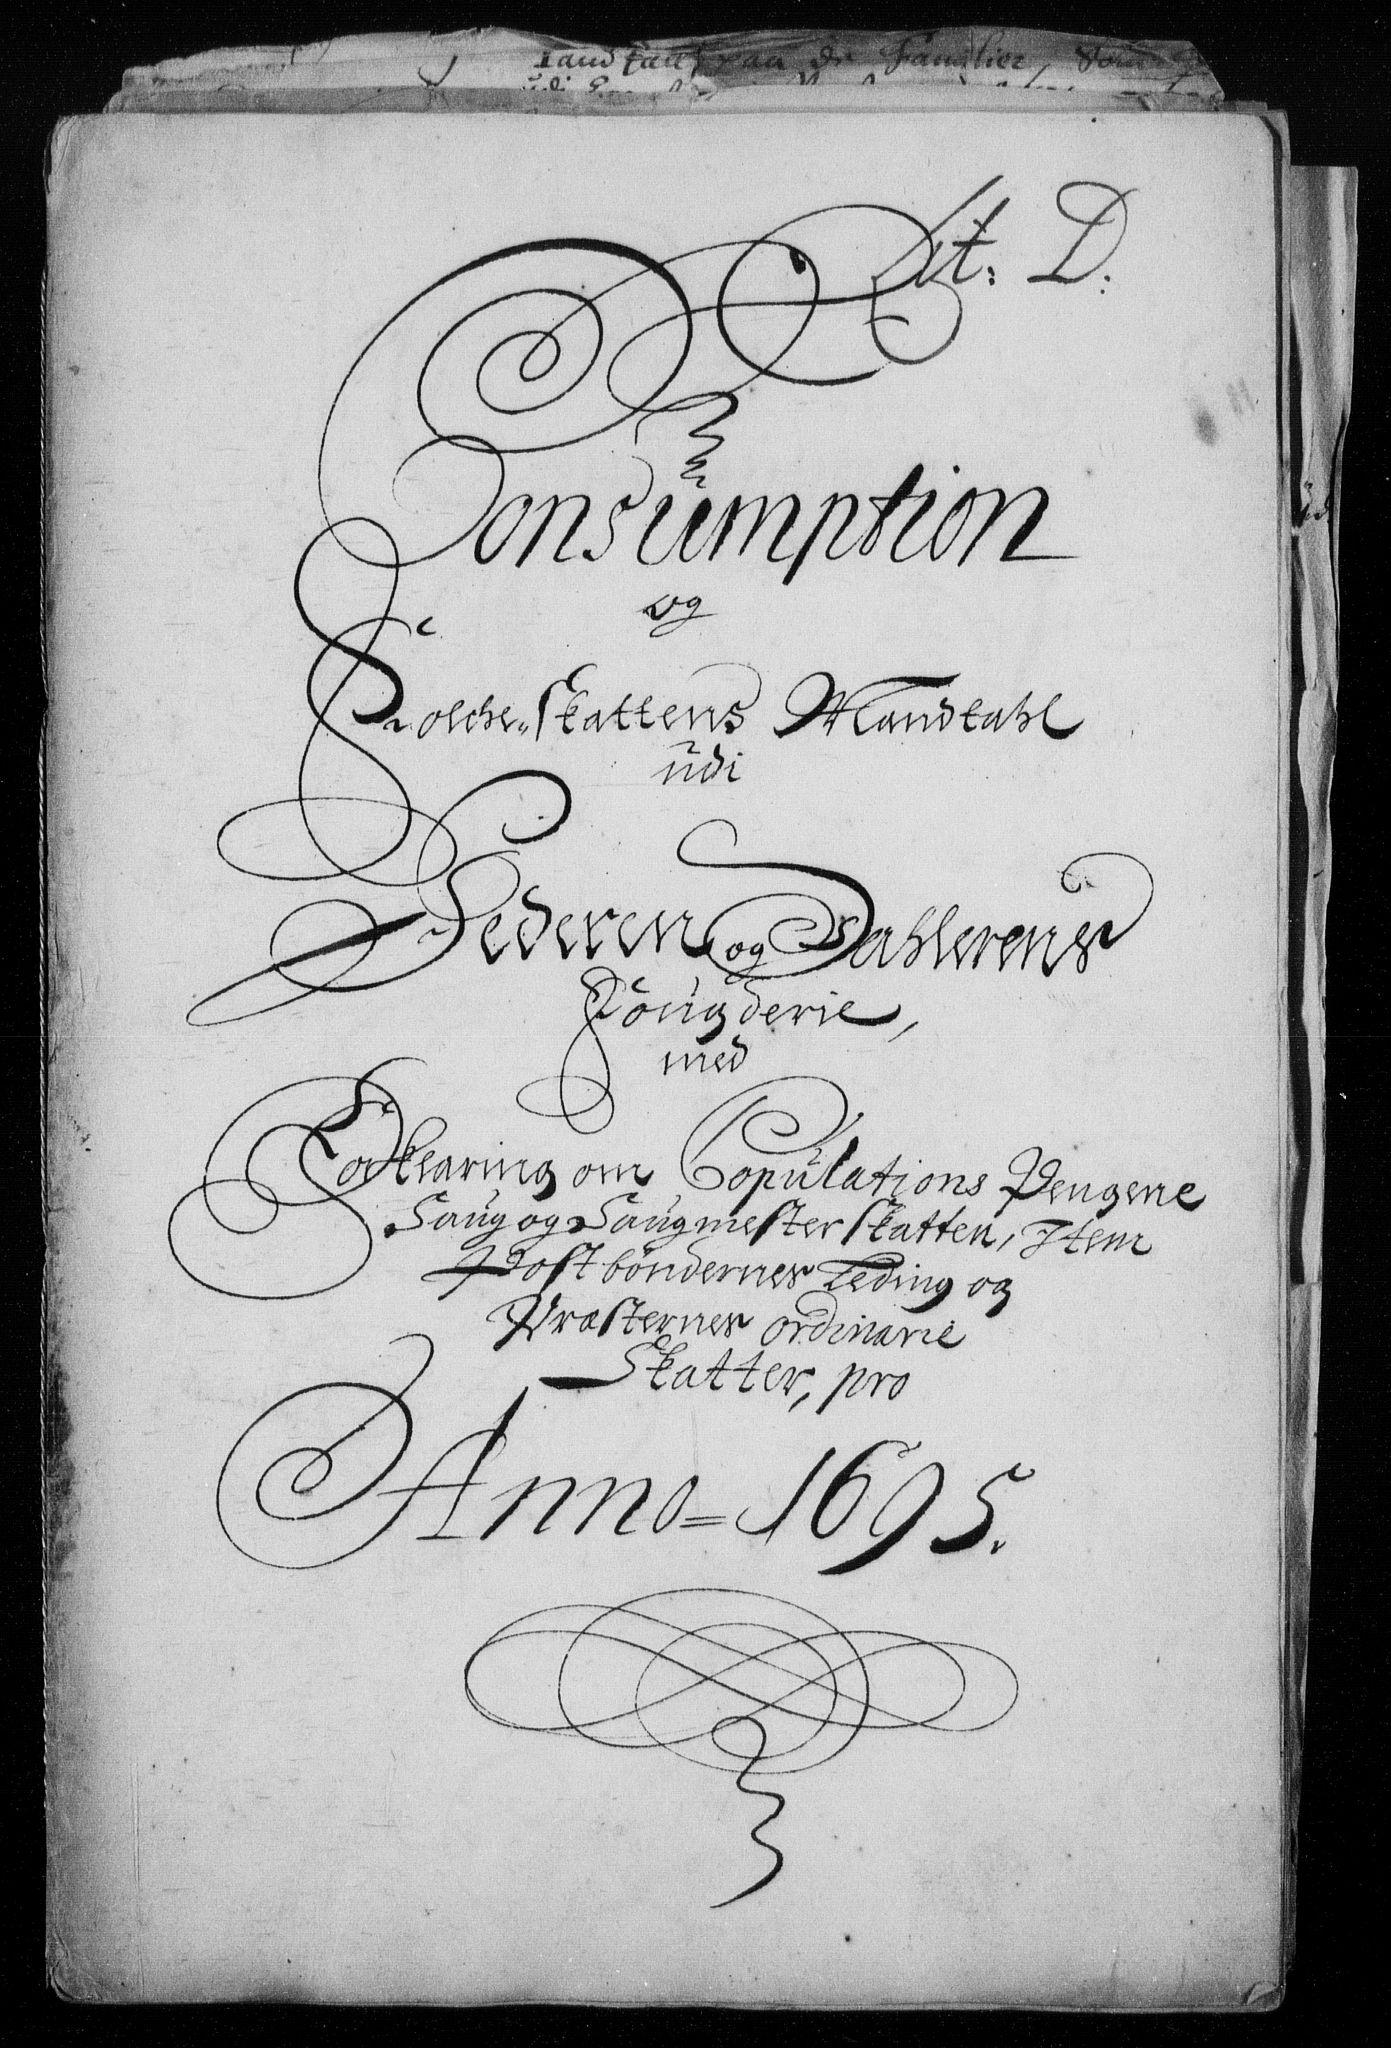 RA, Rentekammeret inntil 1814, Reviderte regnskaper, Fogderegnskap, R46/L2728: Fogderegnskap Jæren og Dalane, 1694-1696, s. 254